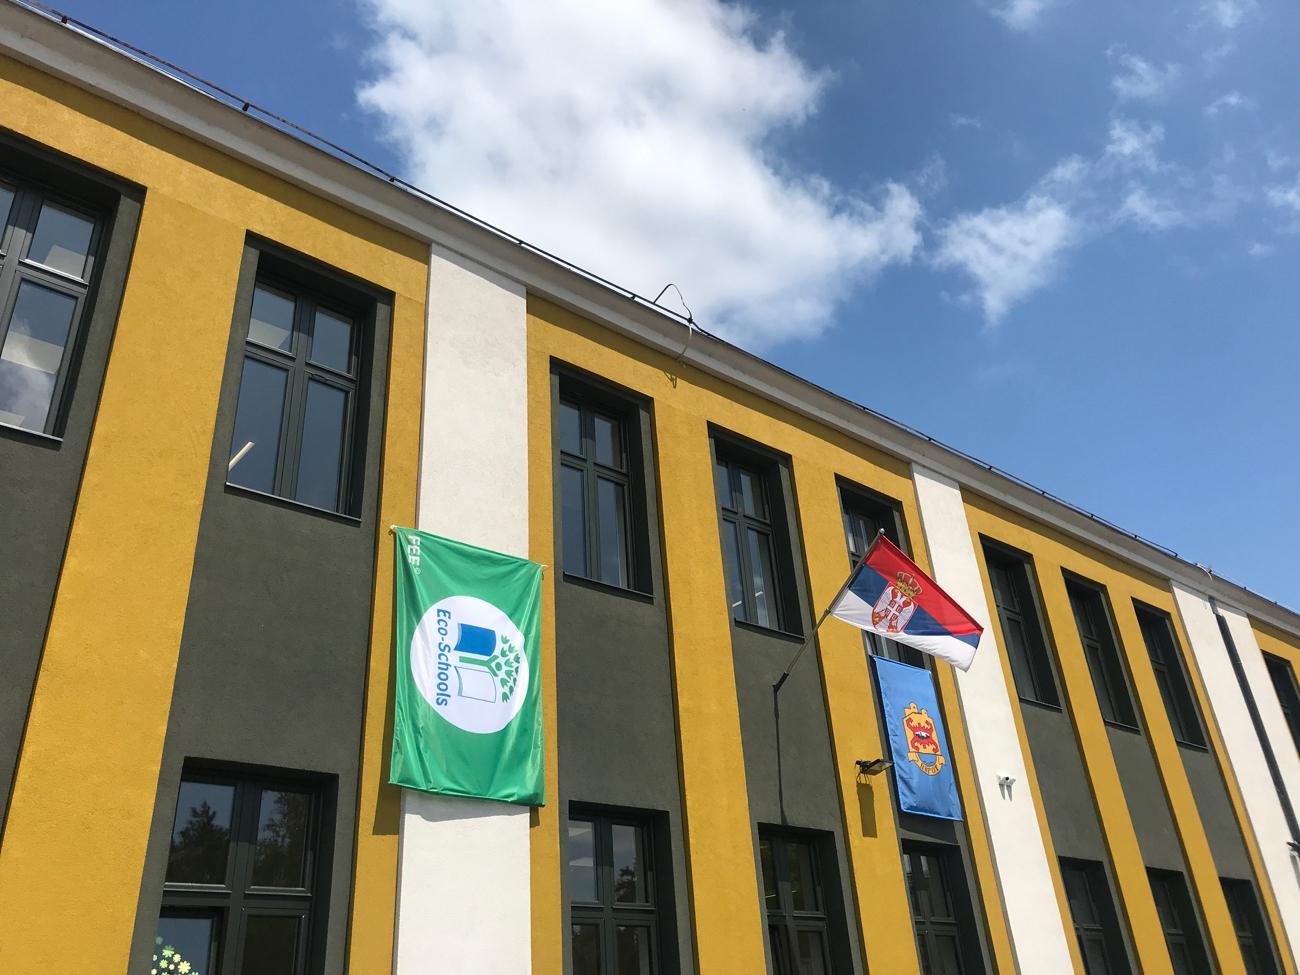 Photo of Pirot dobio jednu od najmodernijih škola u zemlji. Otvorena renovirana škola Sveti Sava